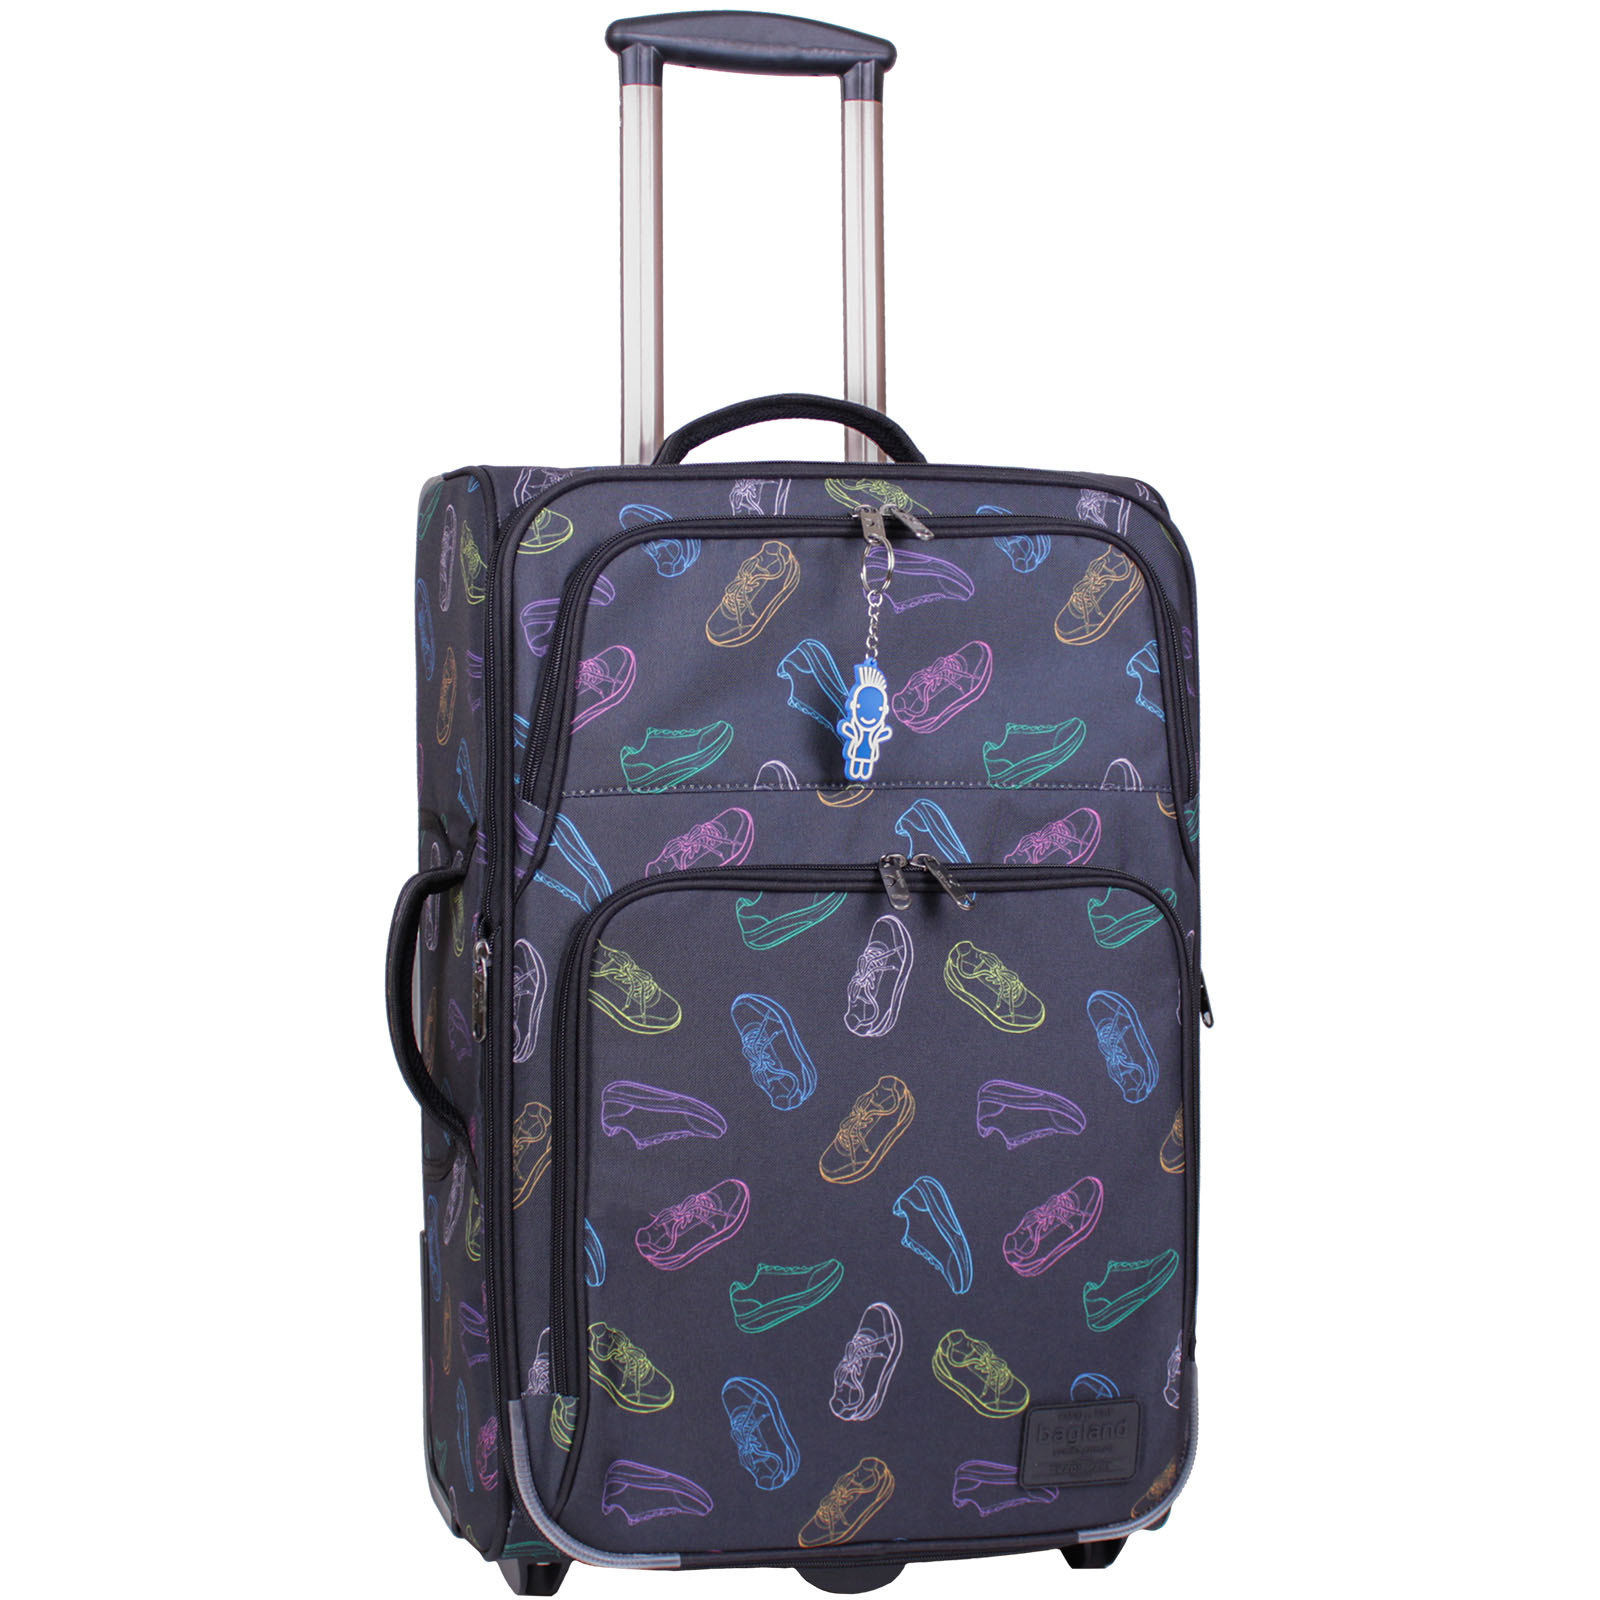 Дорожные чемоданы Чемодан Bagland Леон средний дизайн 51 л. сублимация 172 (0037666244) IMG_6804-1600.jpg